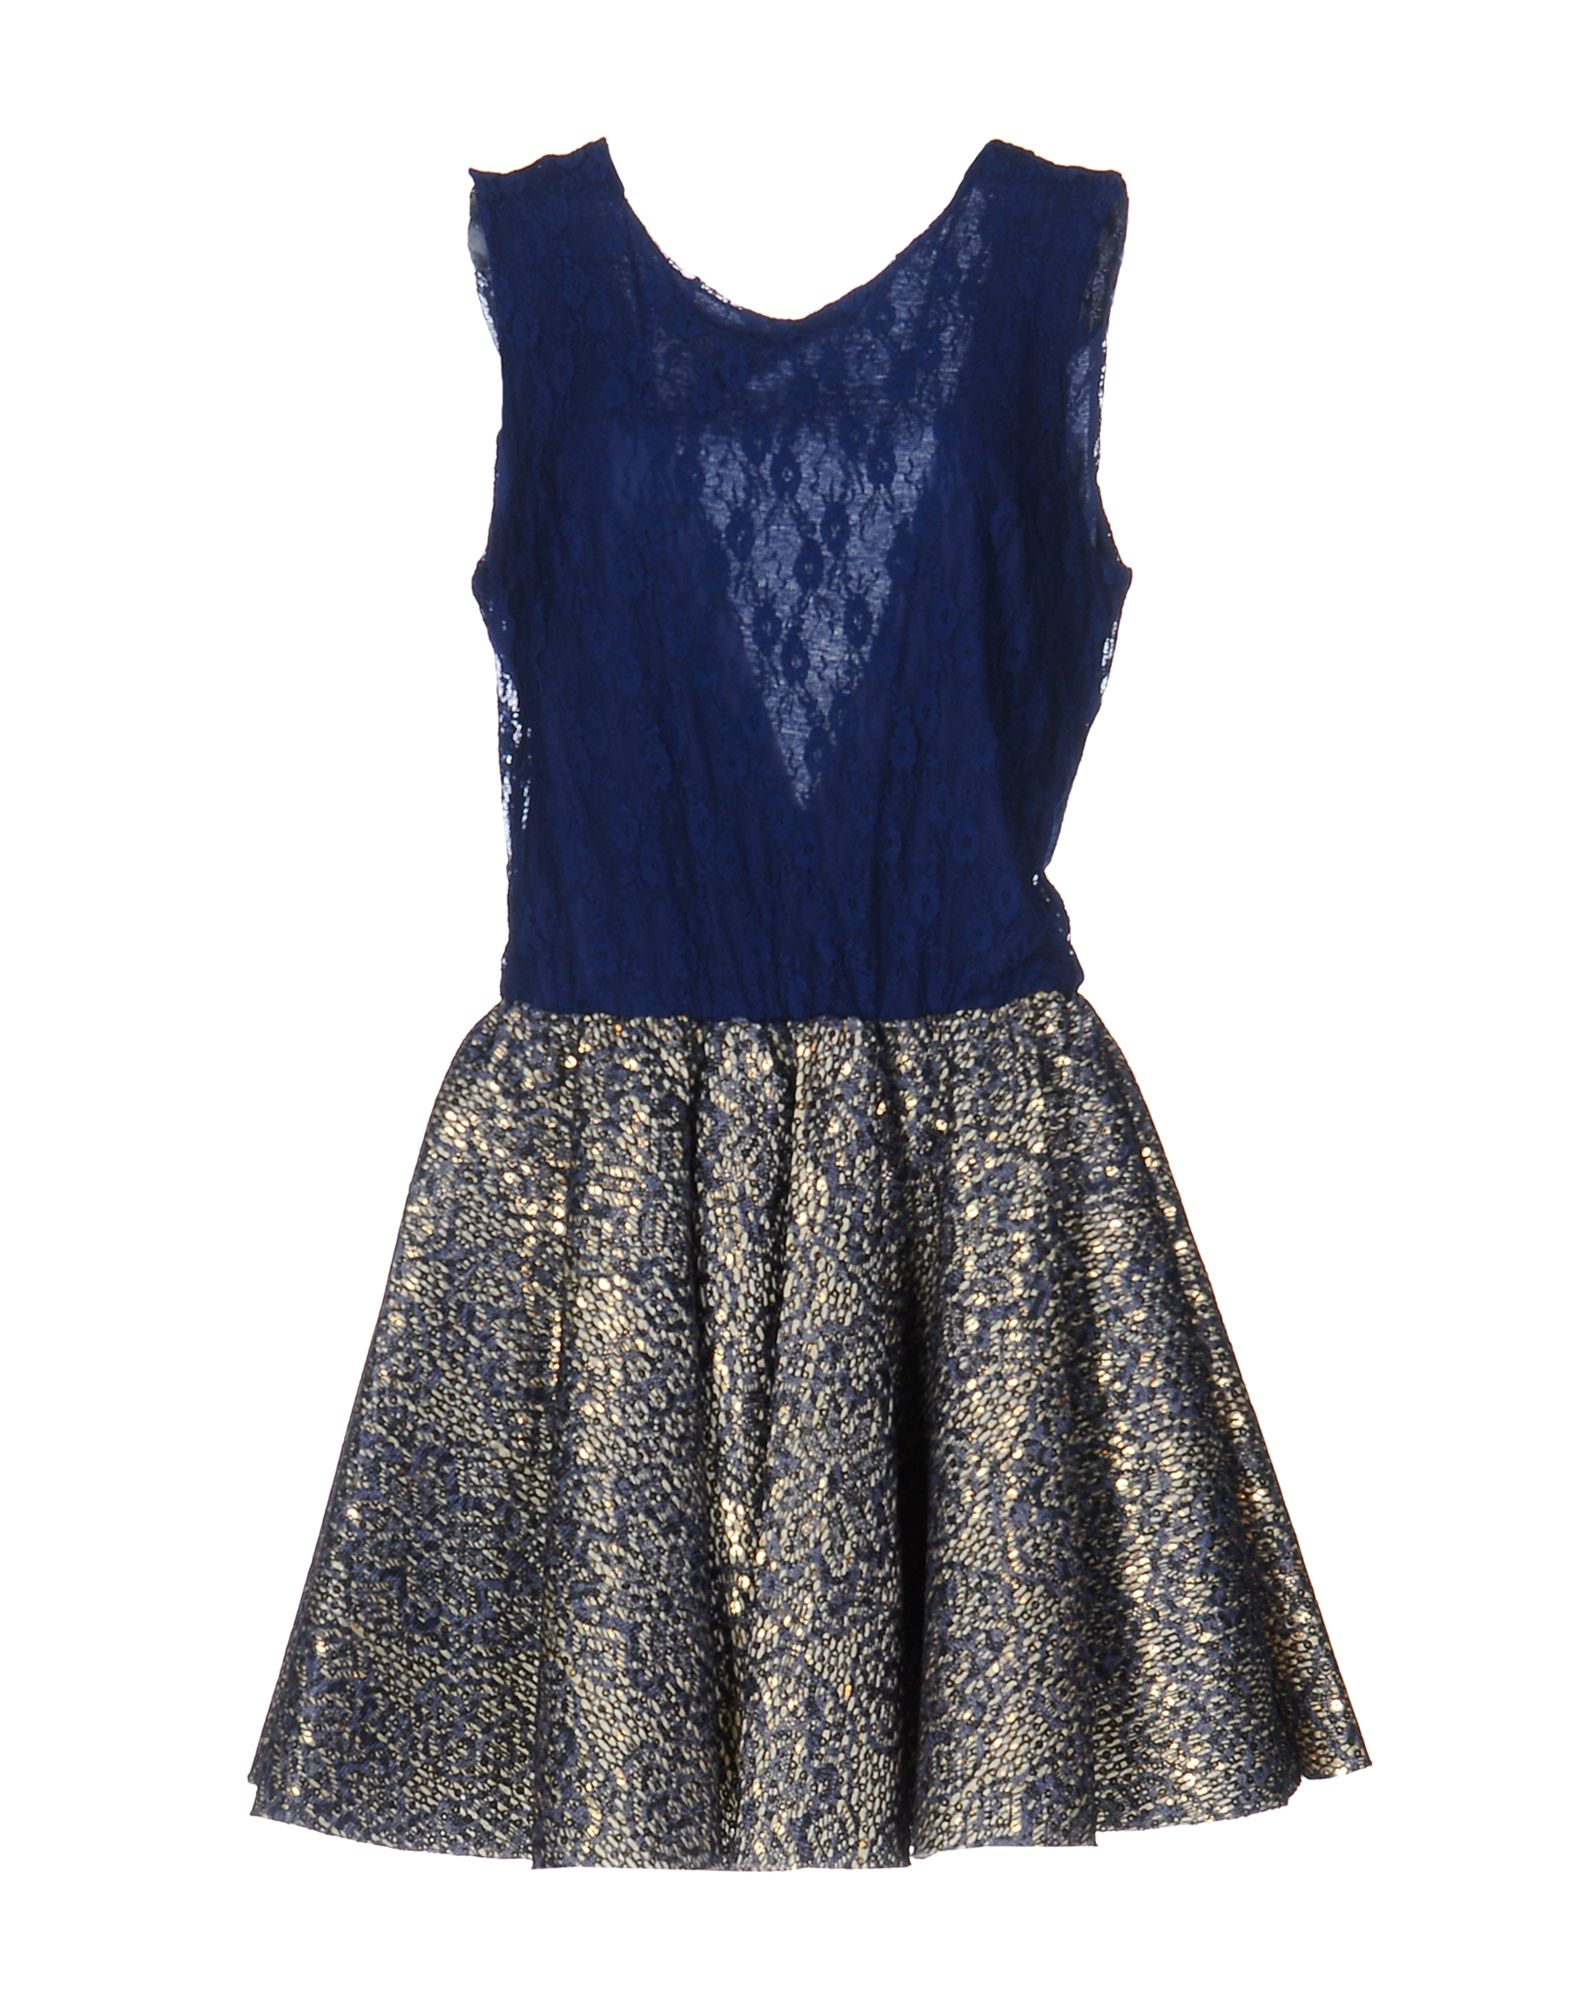 ODI ET AMO Damen Kurzes Kleid Farbe Dunkelblau Größe 5